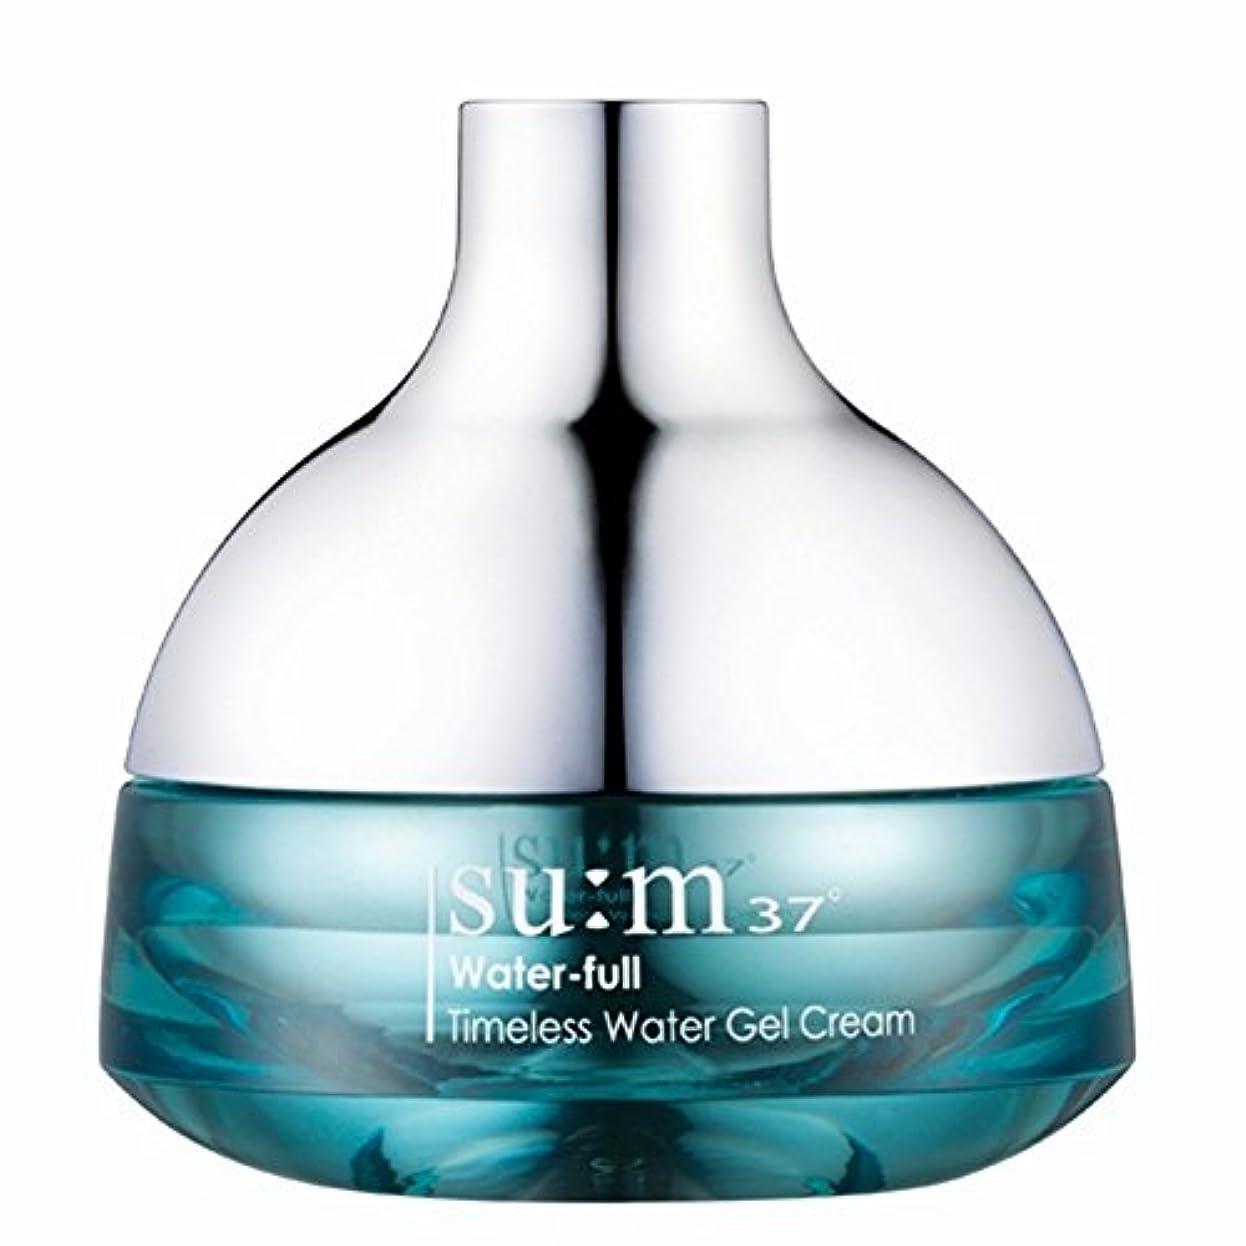 タール代理人北極圏su:m37/スム37° スム37 ウォーターフルタイムレスウォータージェルクリーム50ml (sum 37ºWater-full Timeless Water Gel Cream 50ml + Special Gift...